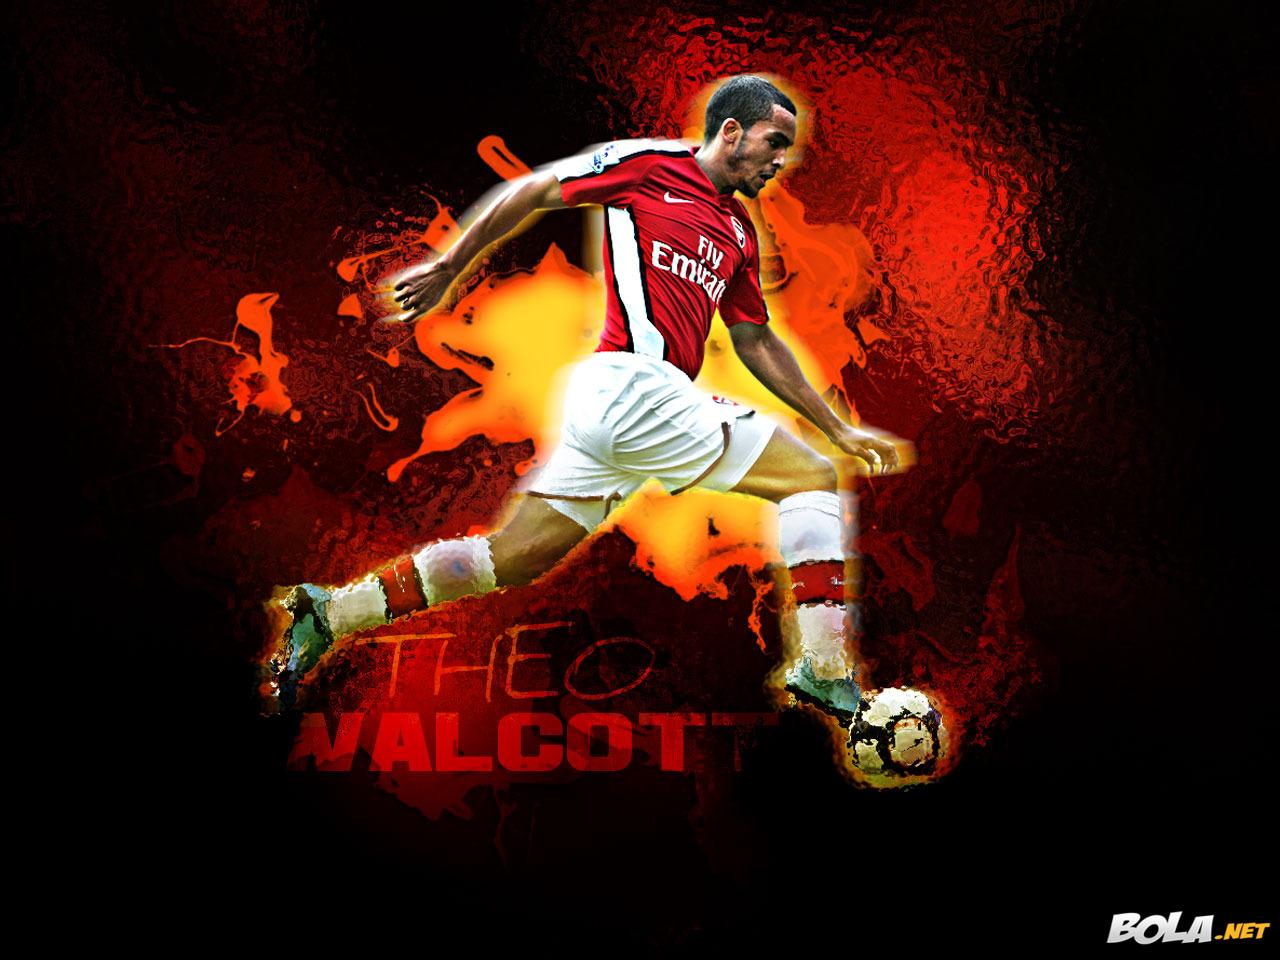 http://2.bp.blogspot.com/-_hLIYi3R8lQ/TkadGZrLxeI/AAAAAAAAC6g/A0R4kcGfYiM/s1600/Theo-Walcott-Wallpaper-2011-14.jpg